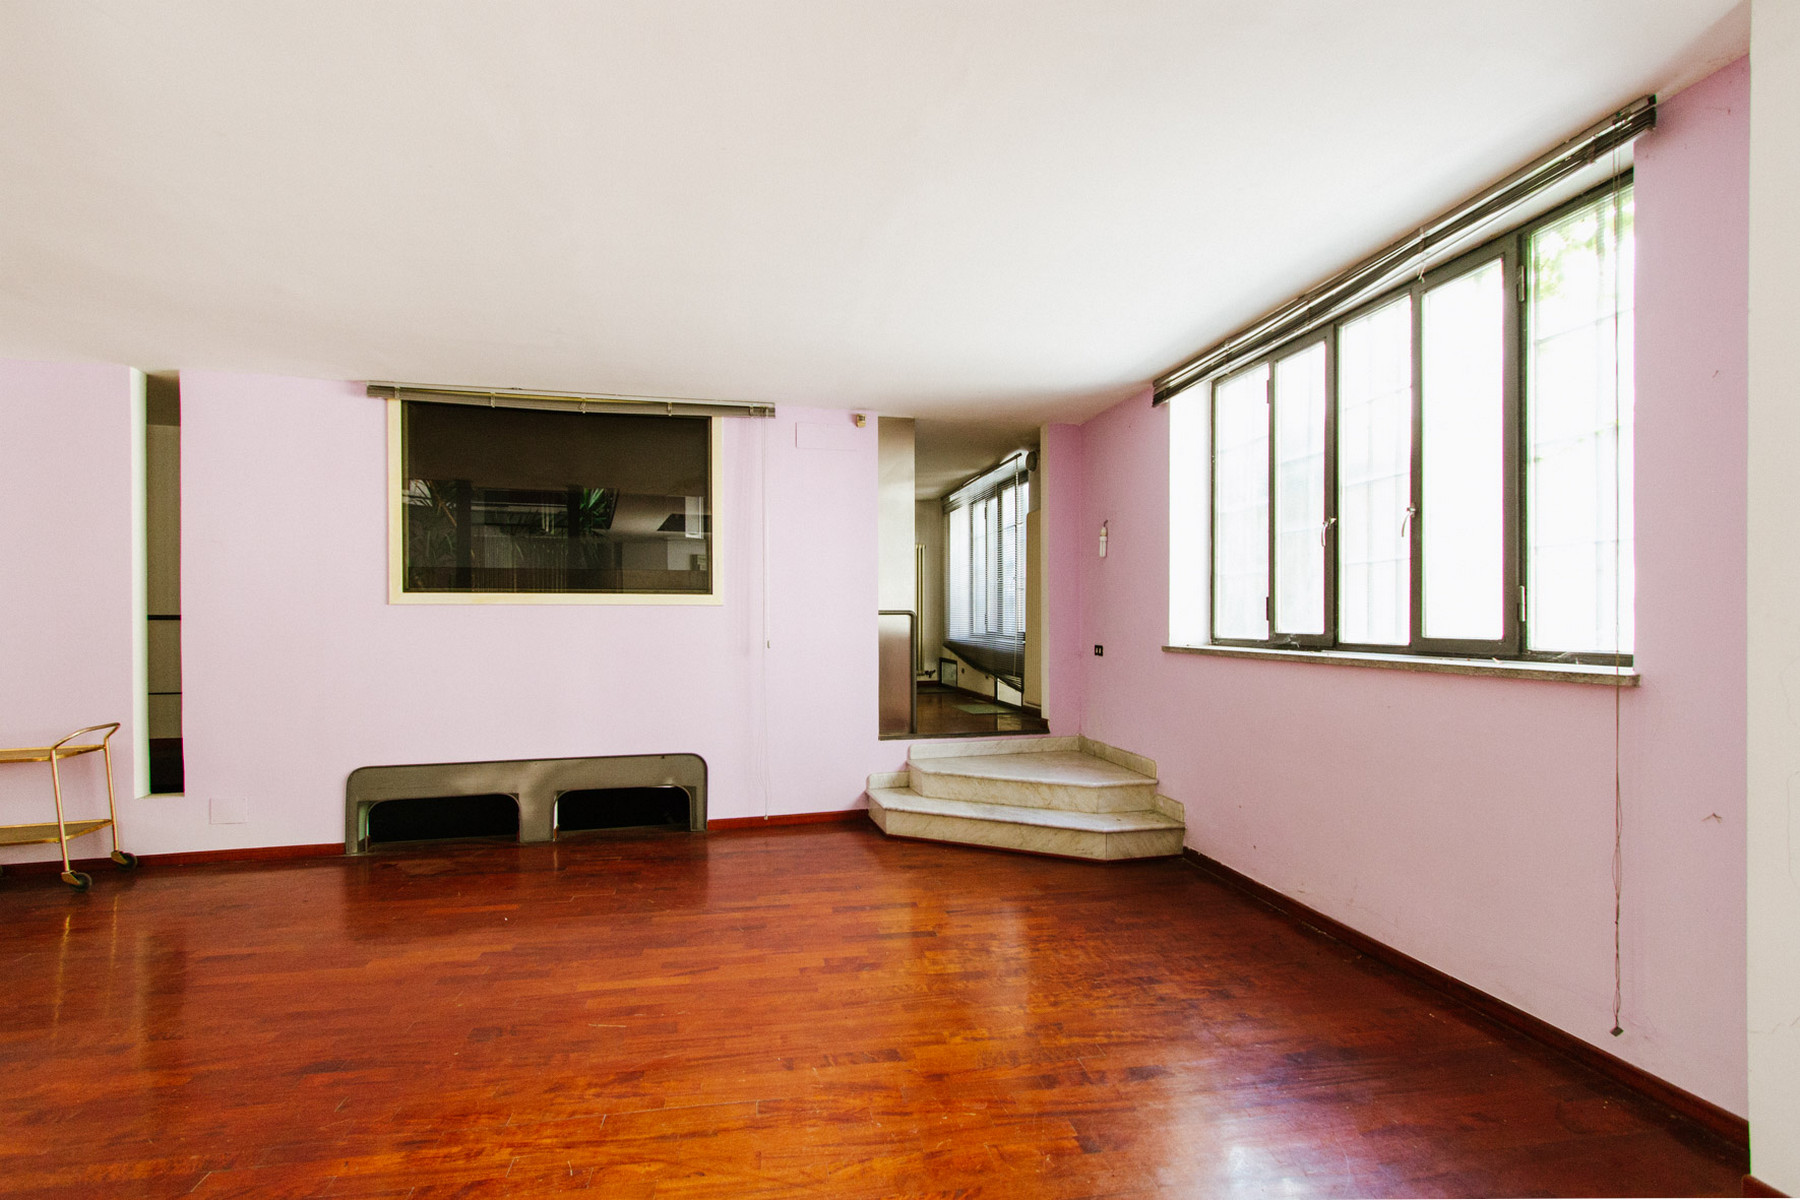 Casa indipendente di lusso in vendita a torino via for Vendita case lusso